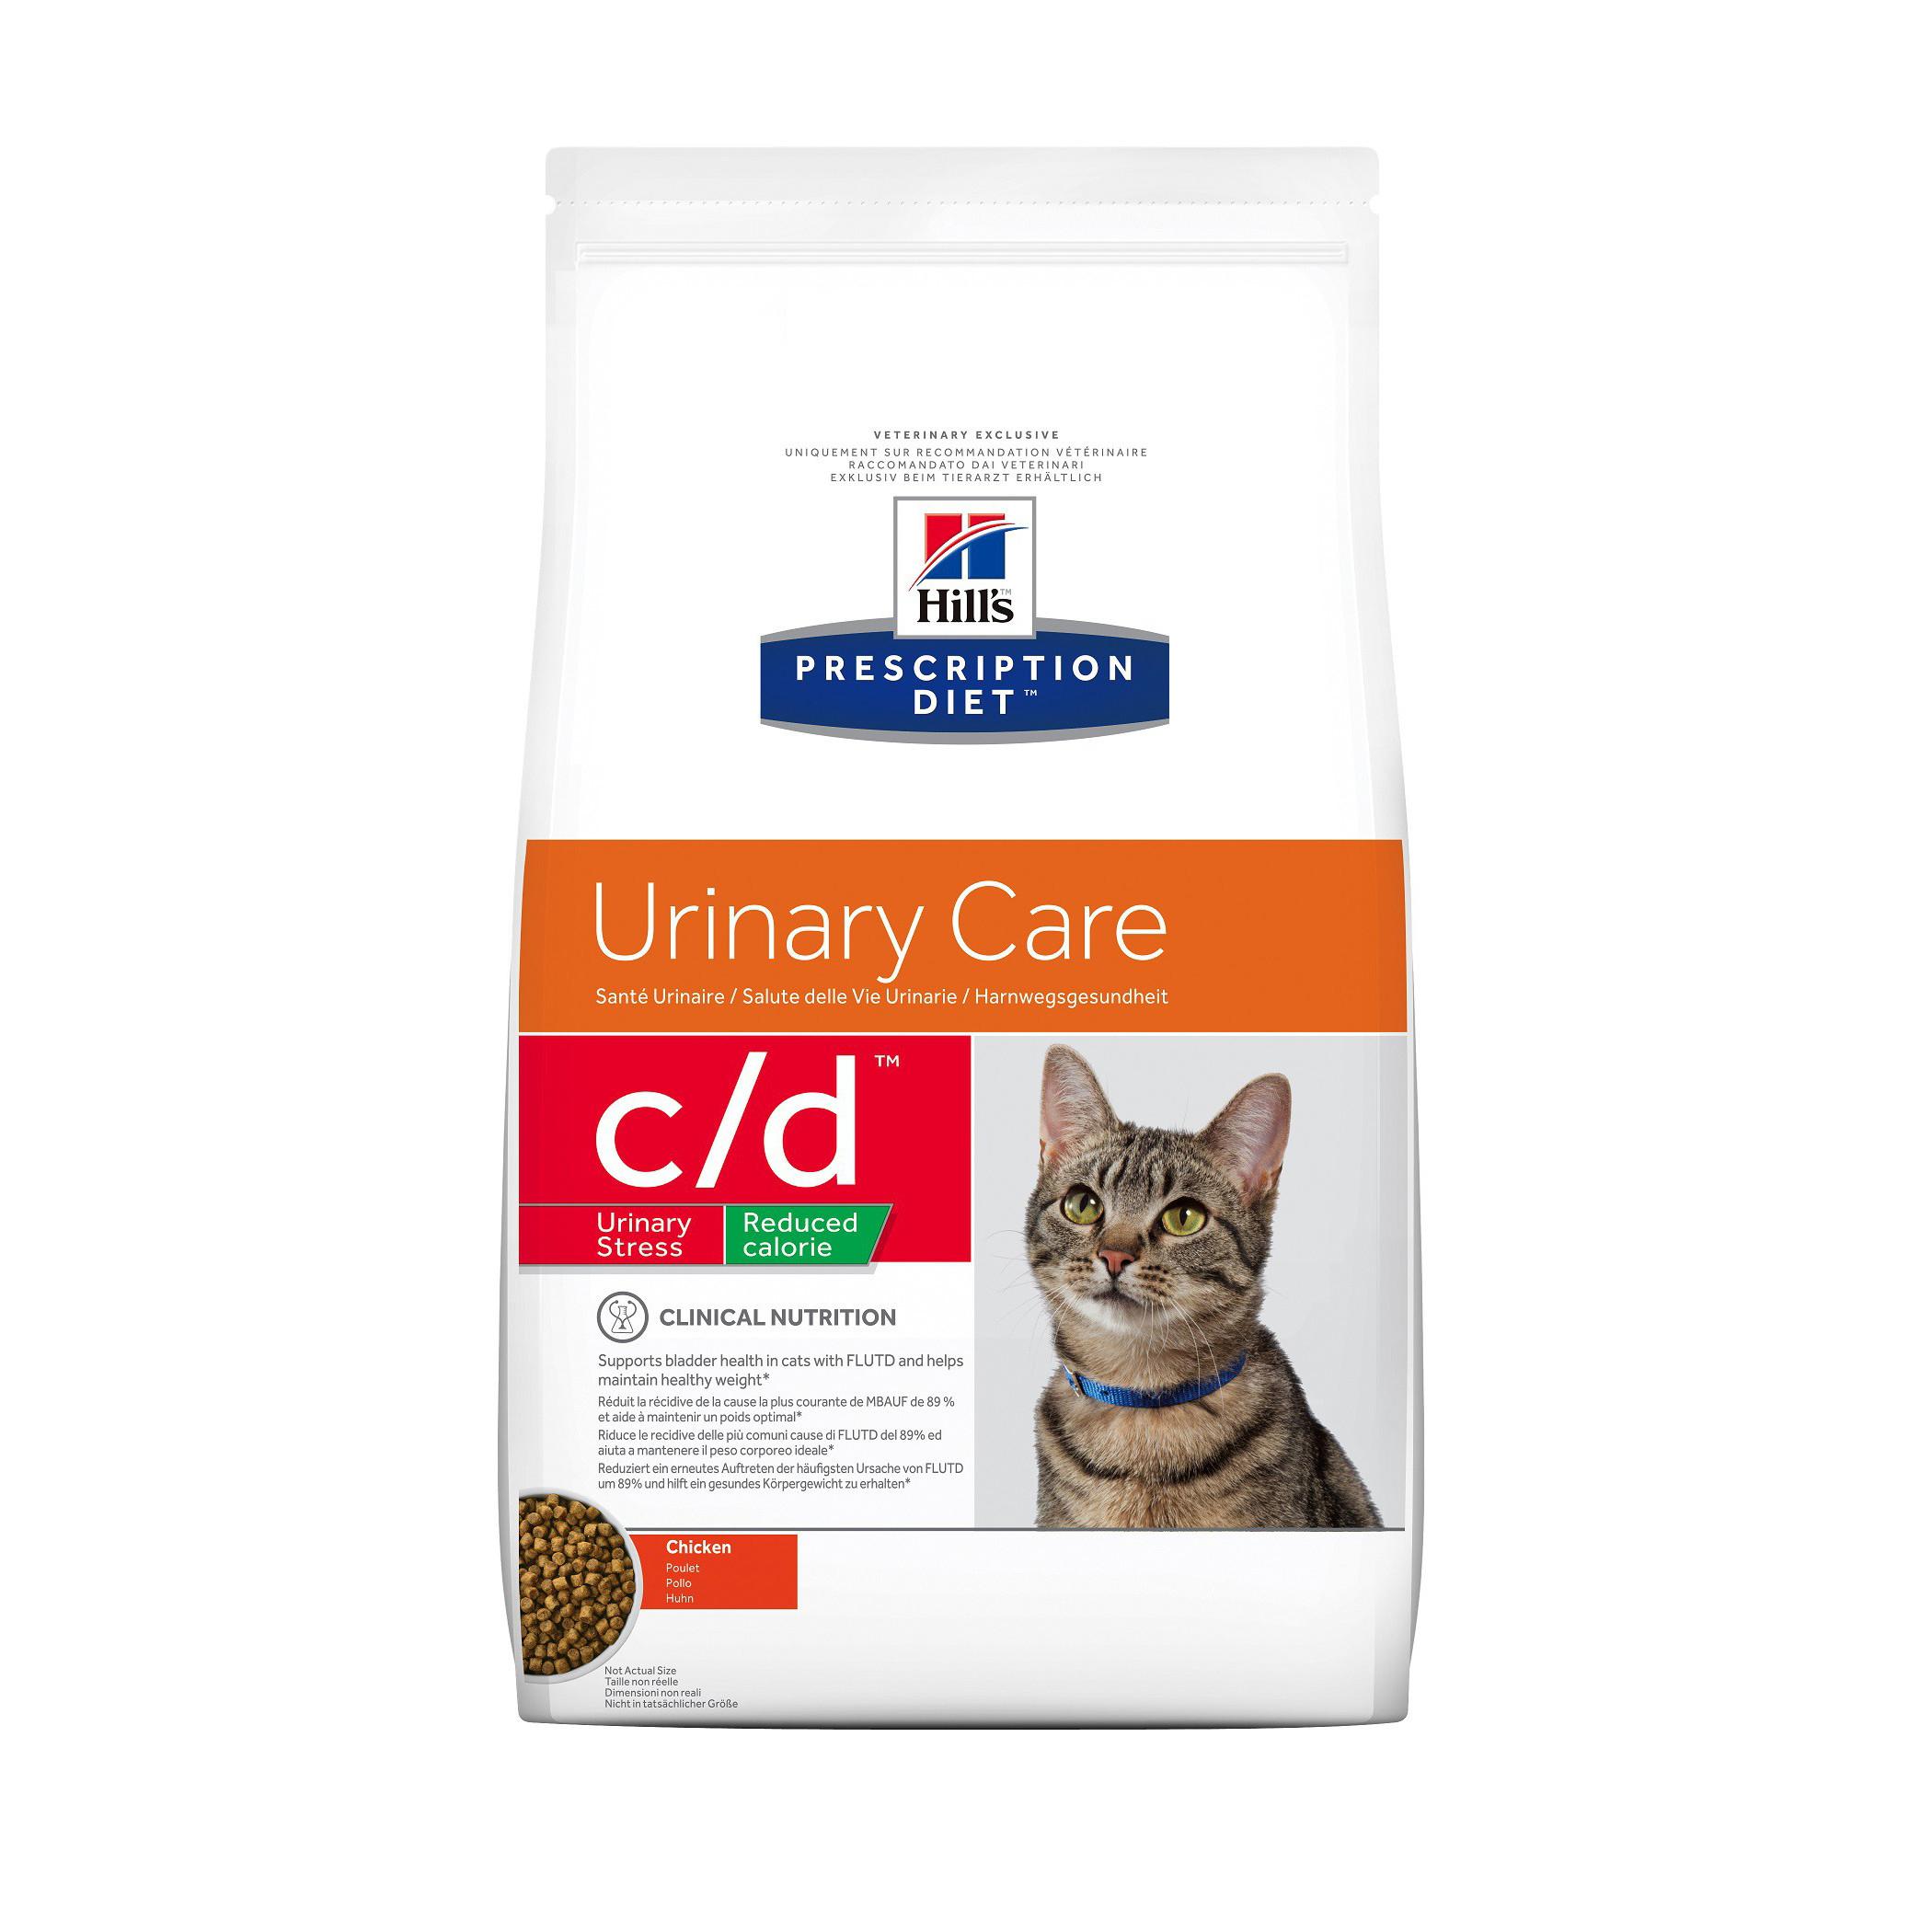 hill's prescription diet feline c d urinary stress reduced calorie